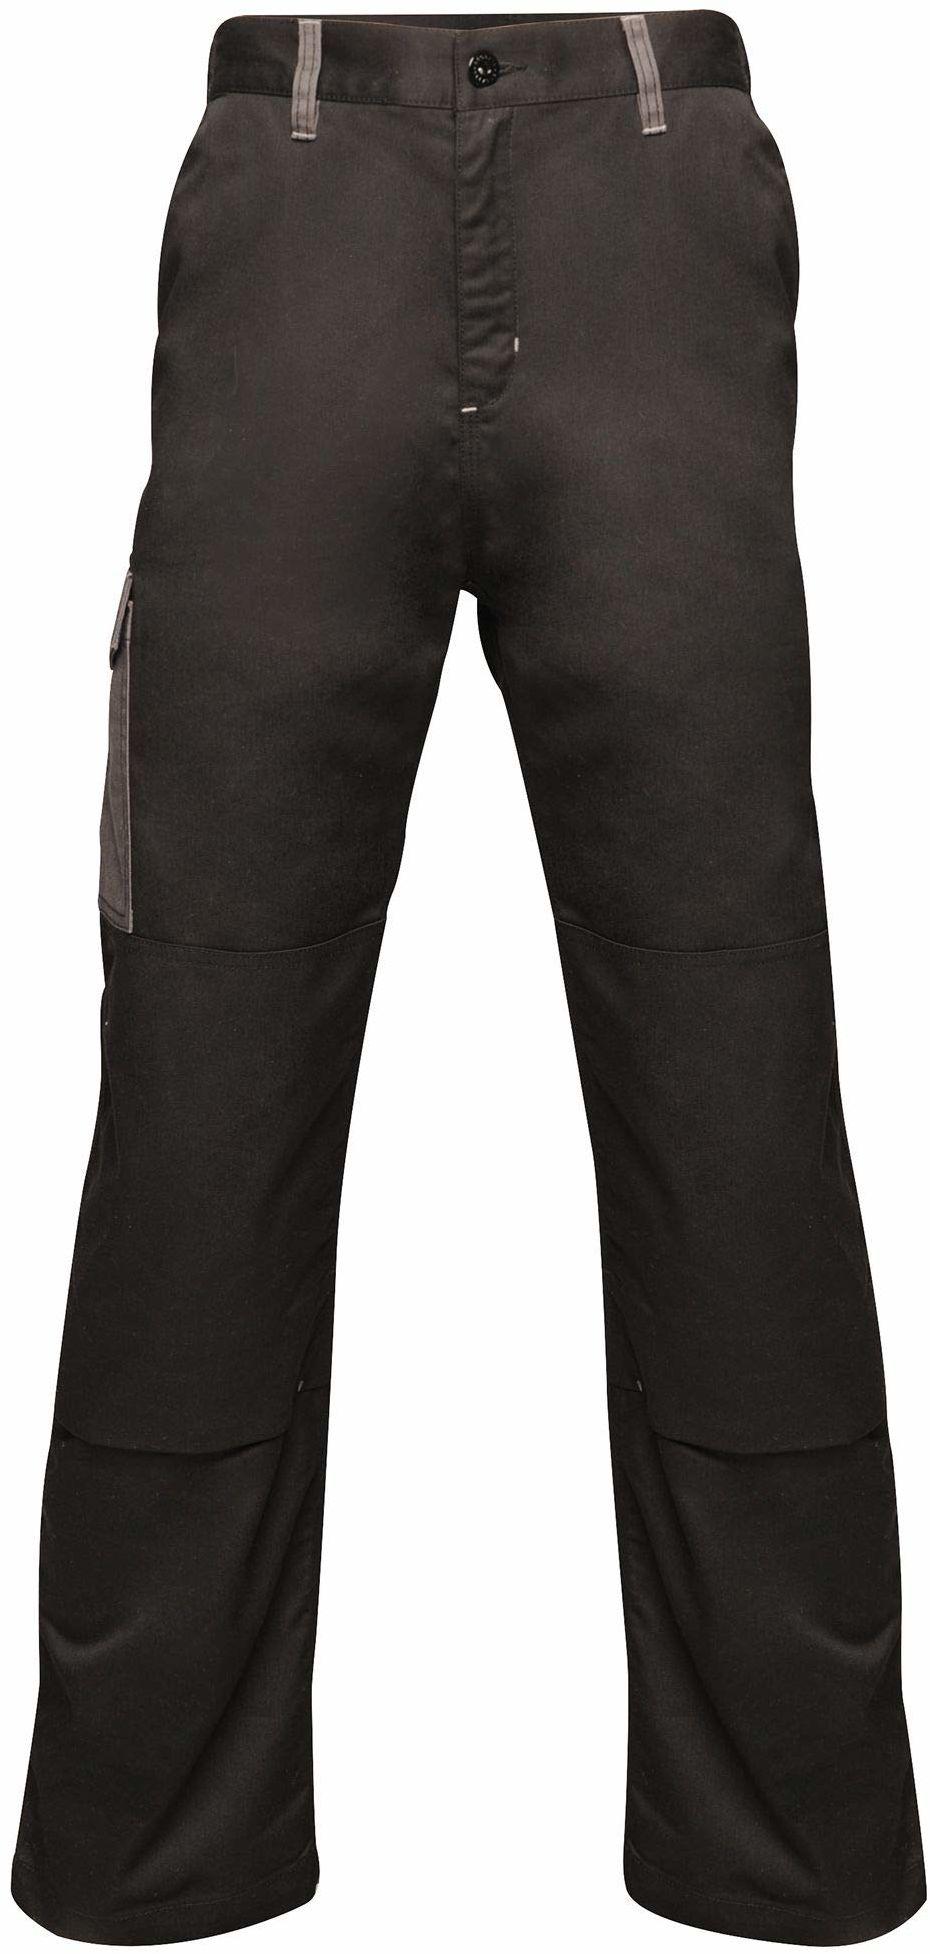 """Regatta męskie profesjonalne kontrastowe wytrzymałe spodnie cargo potrójnie szyte wodoodporne spodnie Black/Seal Grey Size: 42"""""""